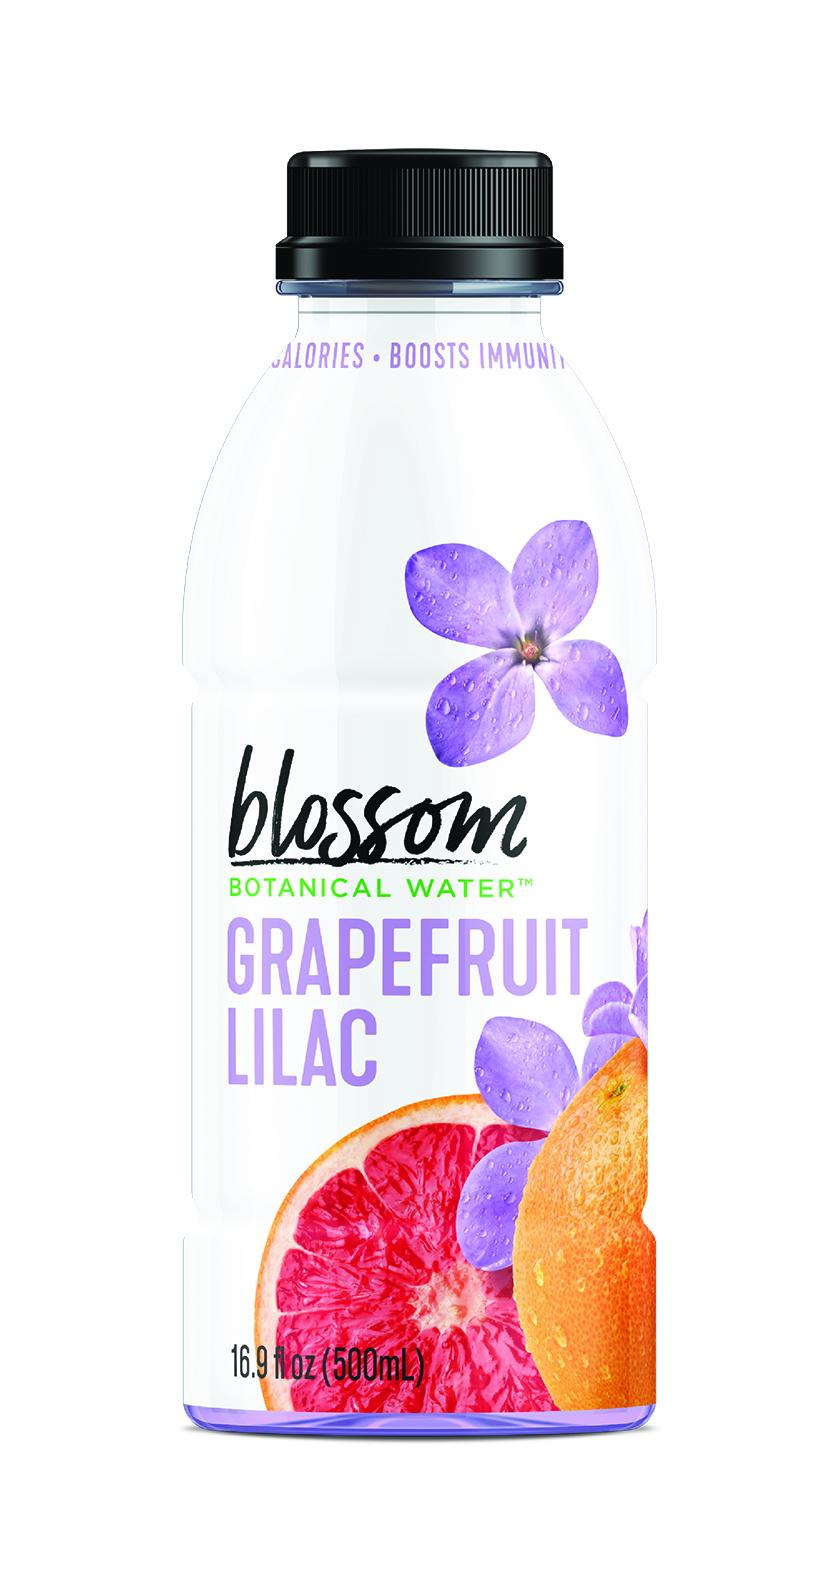 blossom botanical grapefruit lilac